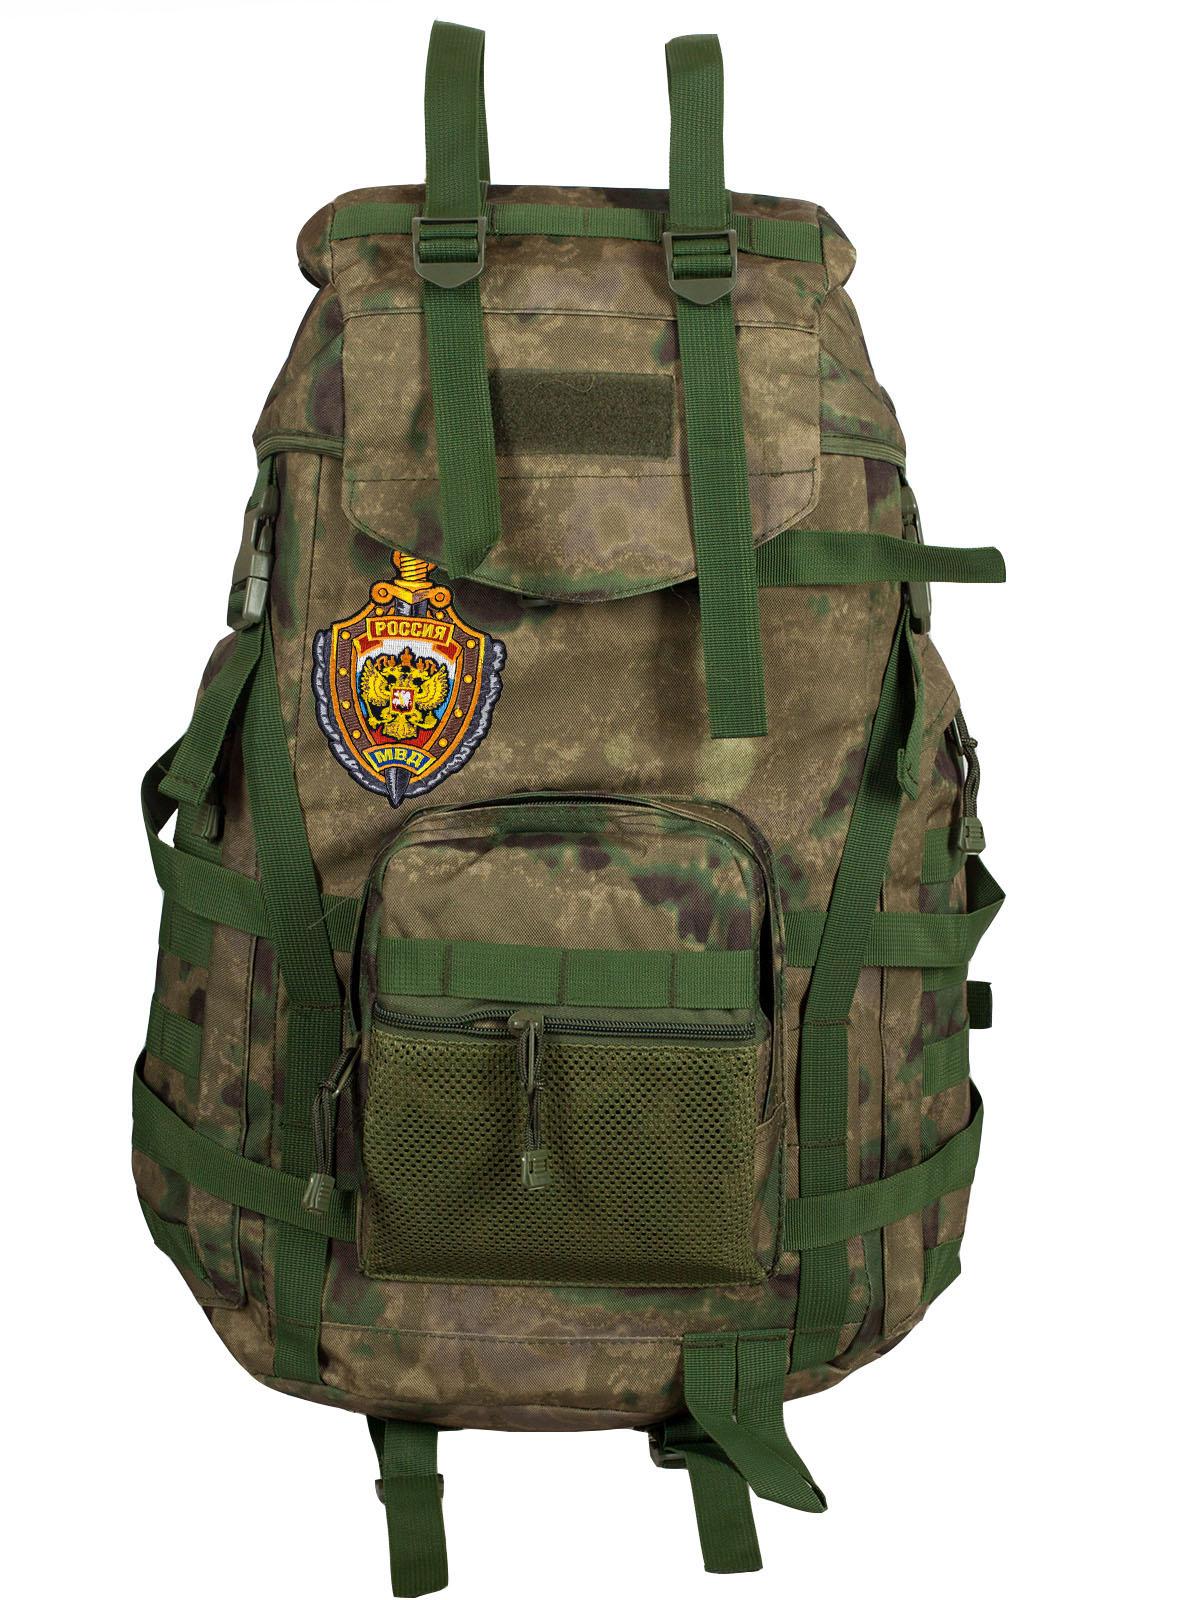 Армейский походный рюкзак камуфляж A-TACS FG с эмблемой МВД